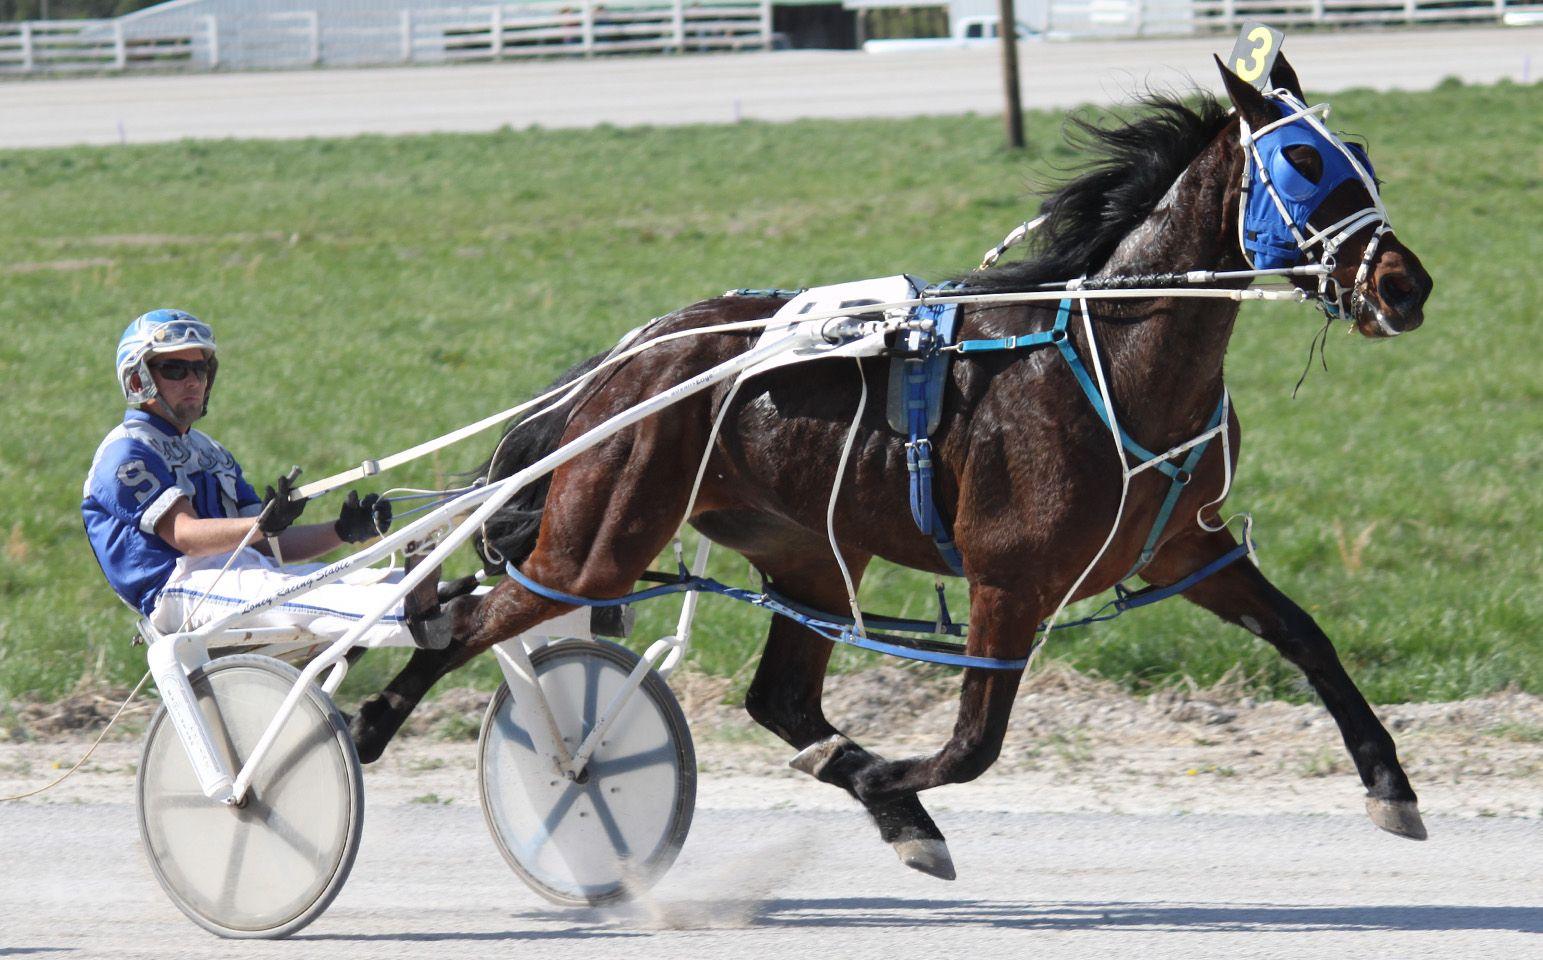 77bb0377f7131df4d235c71e5b1ba2df harness racing bluegrass harness racing horse buggy harness racing news at soozxer.org